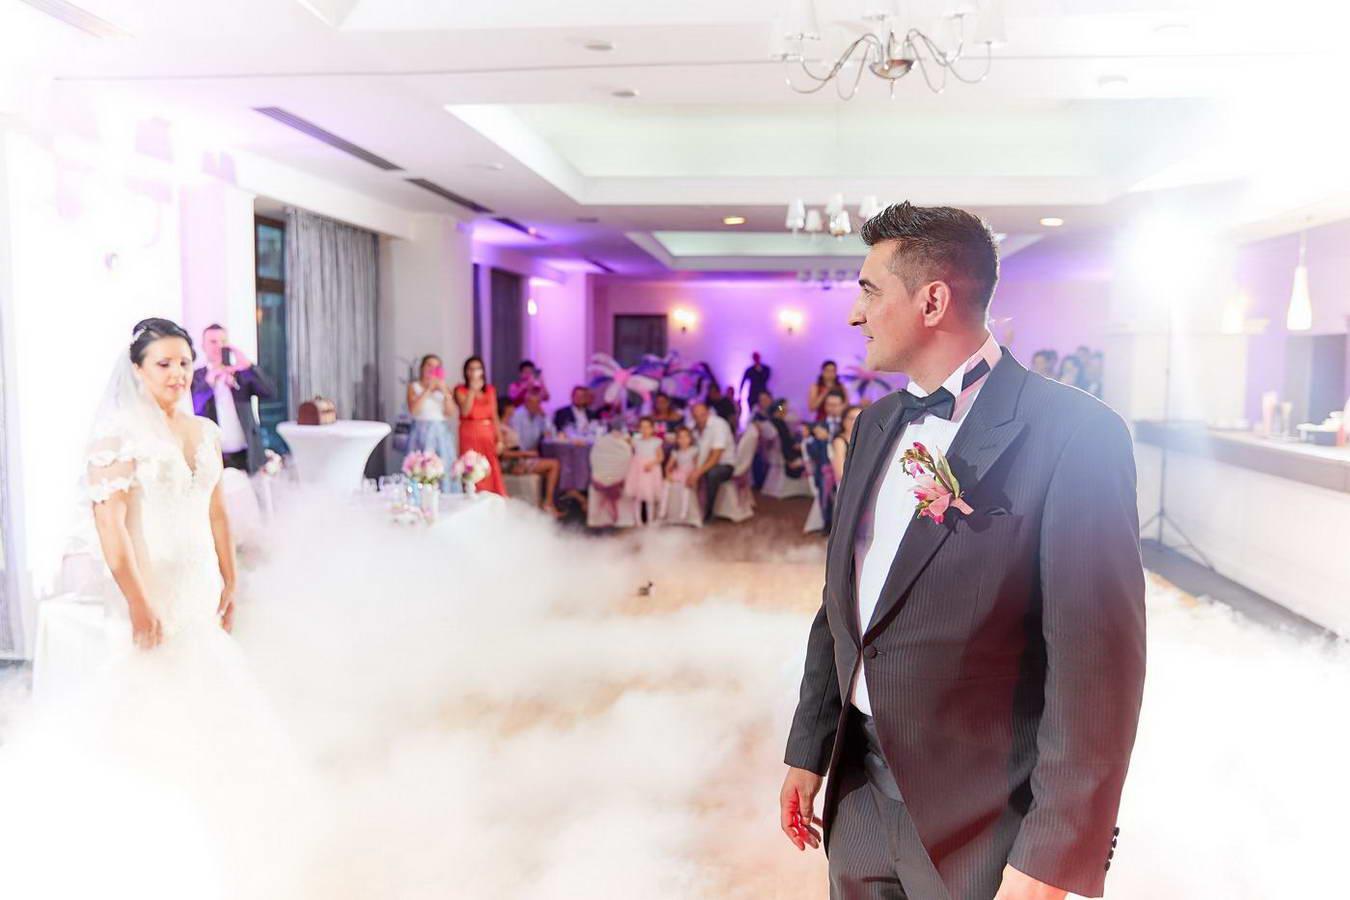 Muzica Coregrafie Dansul Mirilor In Ziua Nuntii